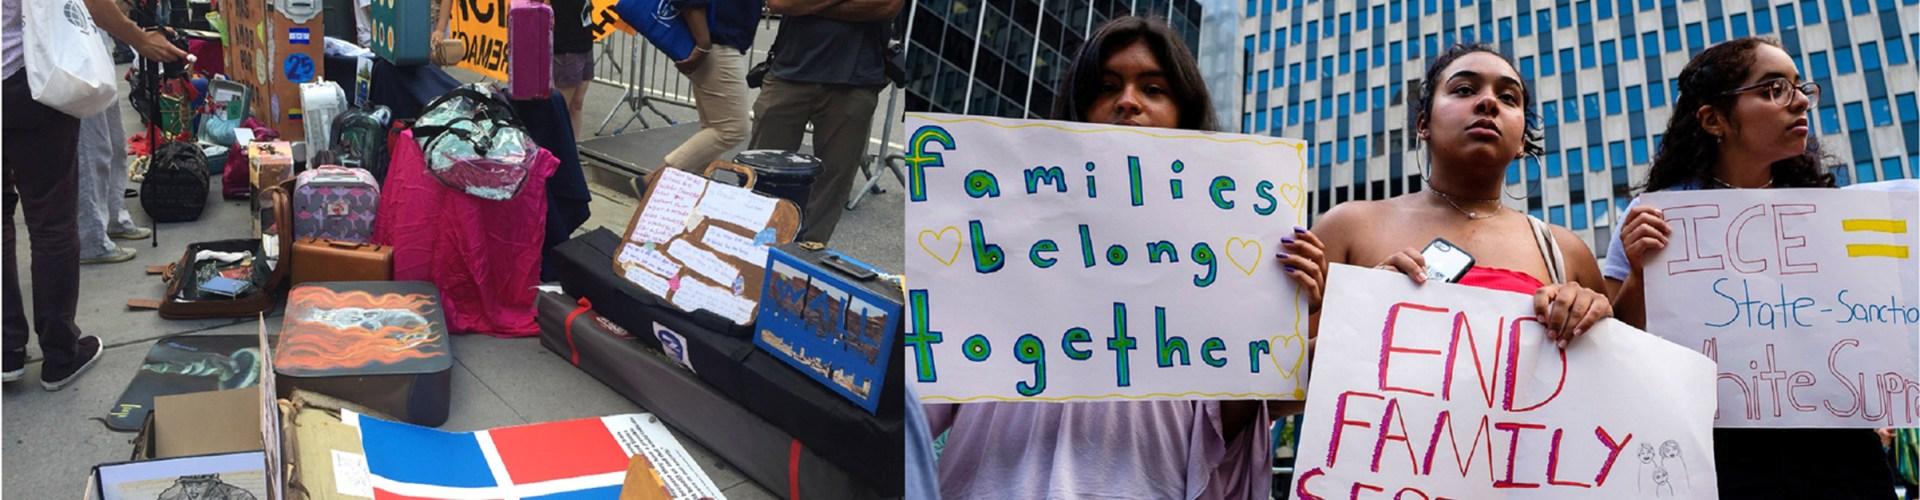 Protestan ante la posibilidad de deportación